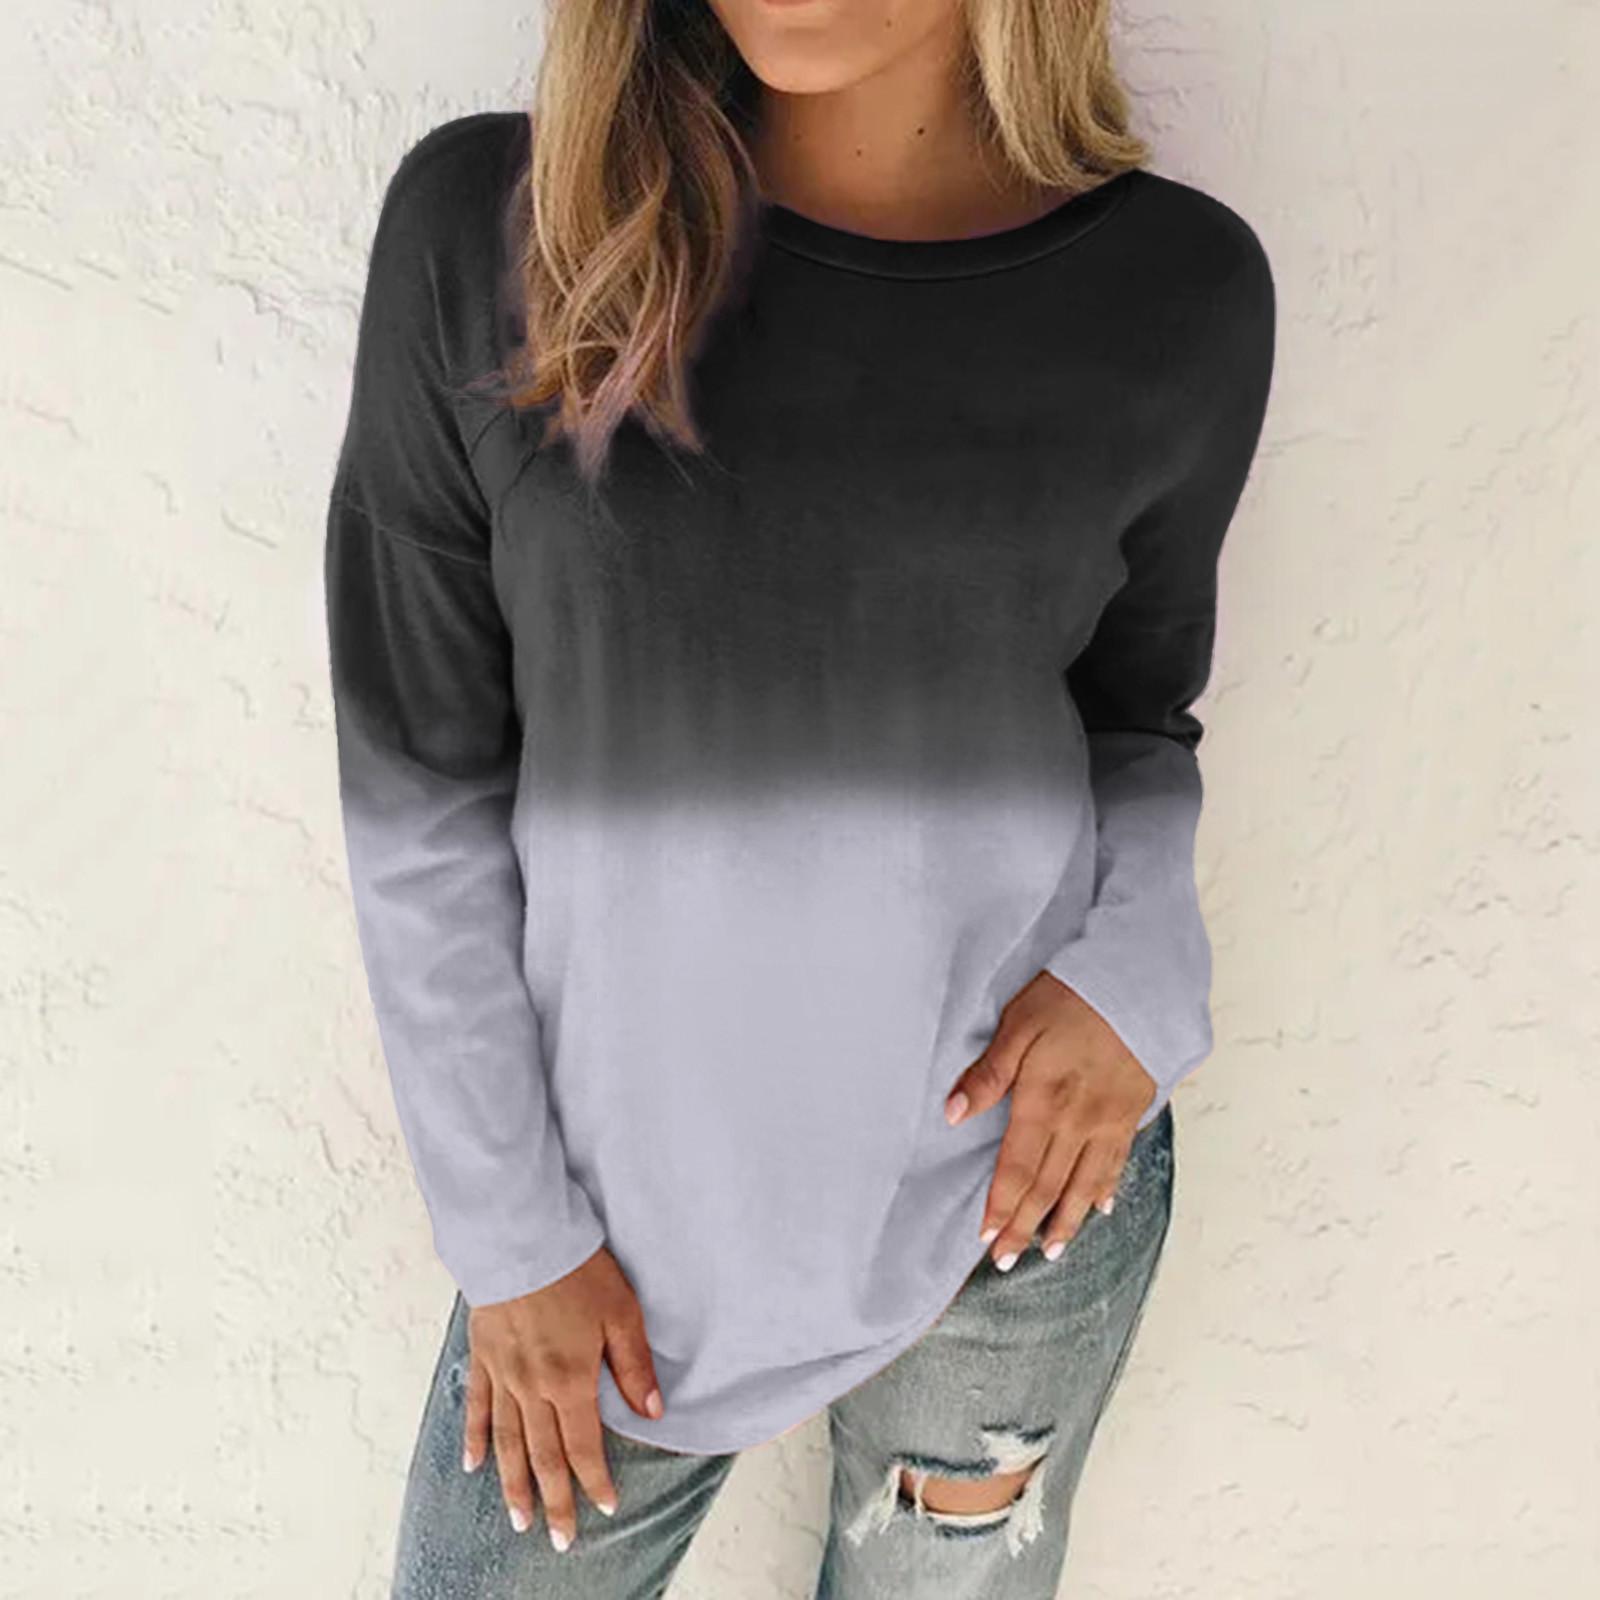 4# Women Aesthetic Sweaters Women Plus Size Tie Dye Sweaters Printed Gradient Pullover Long Sleeve Sweaters Top Толстовка